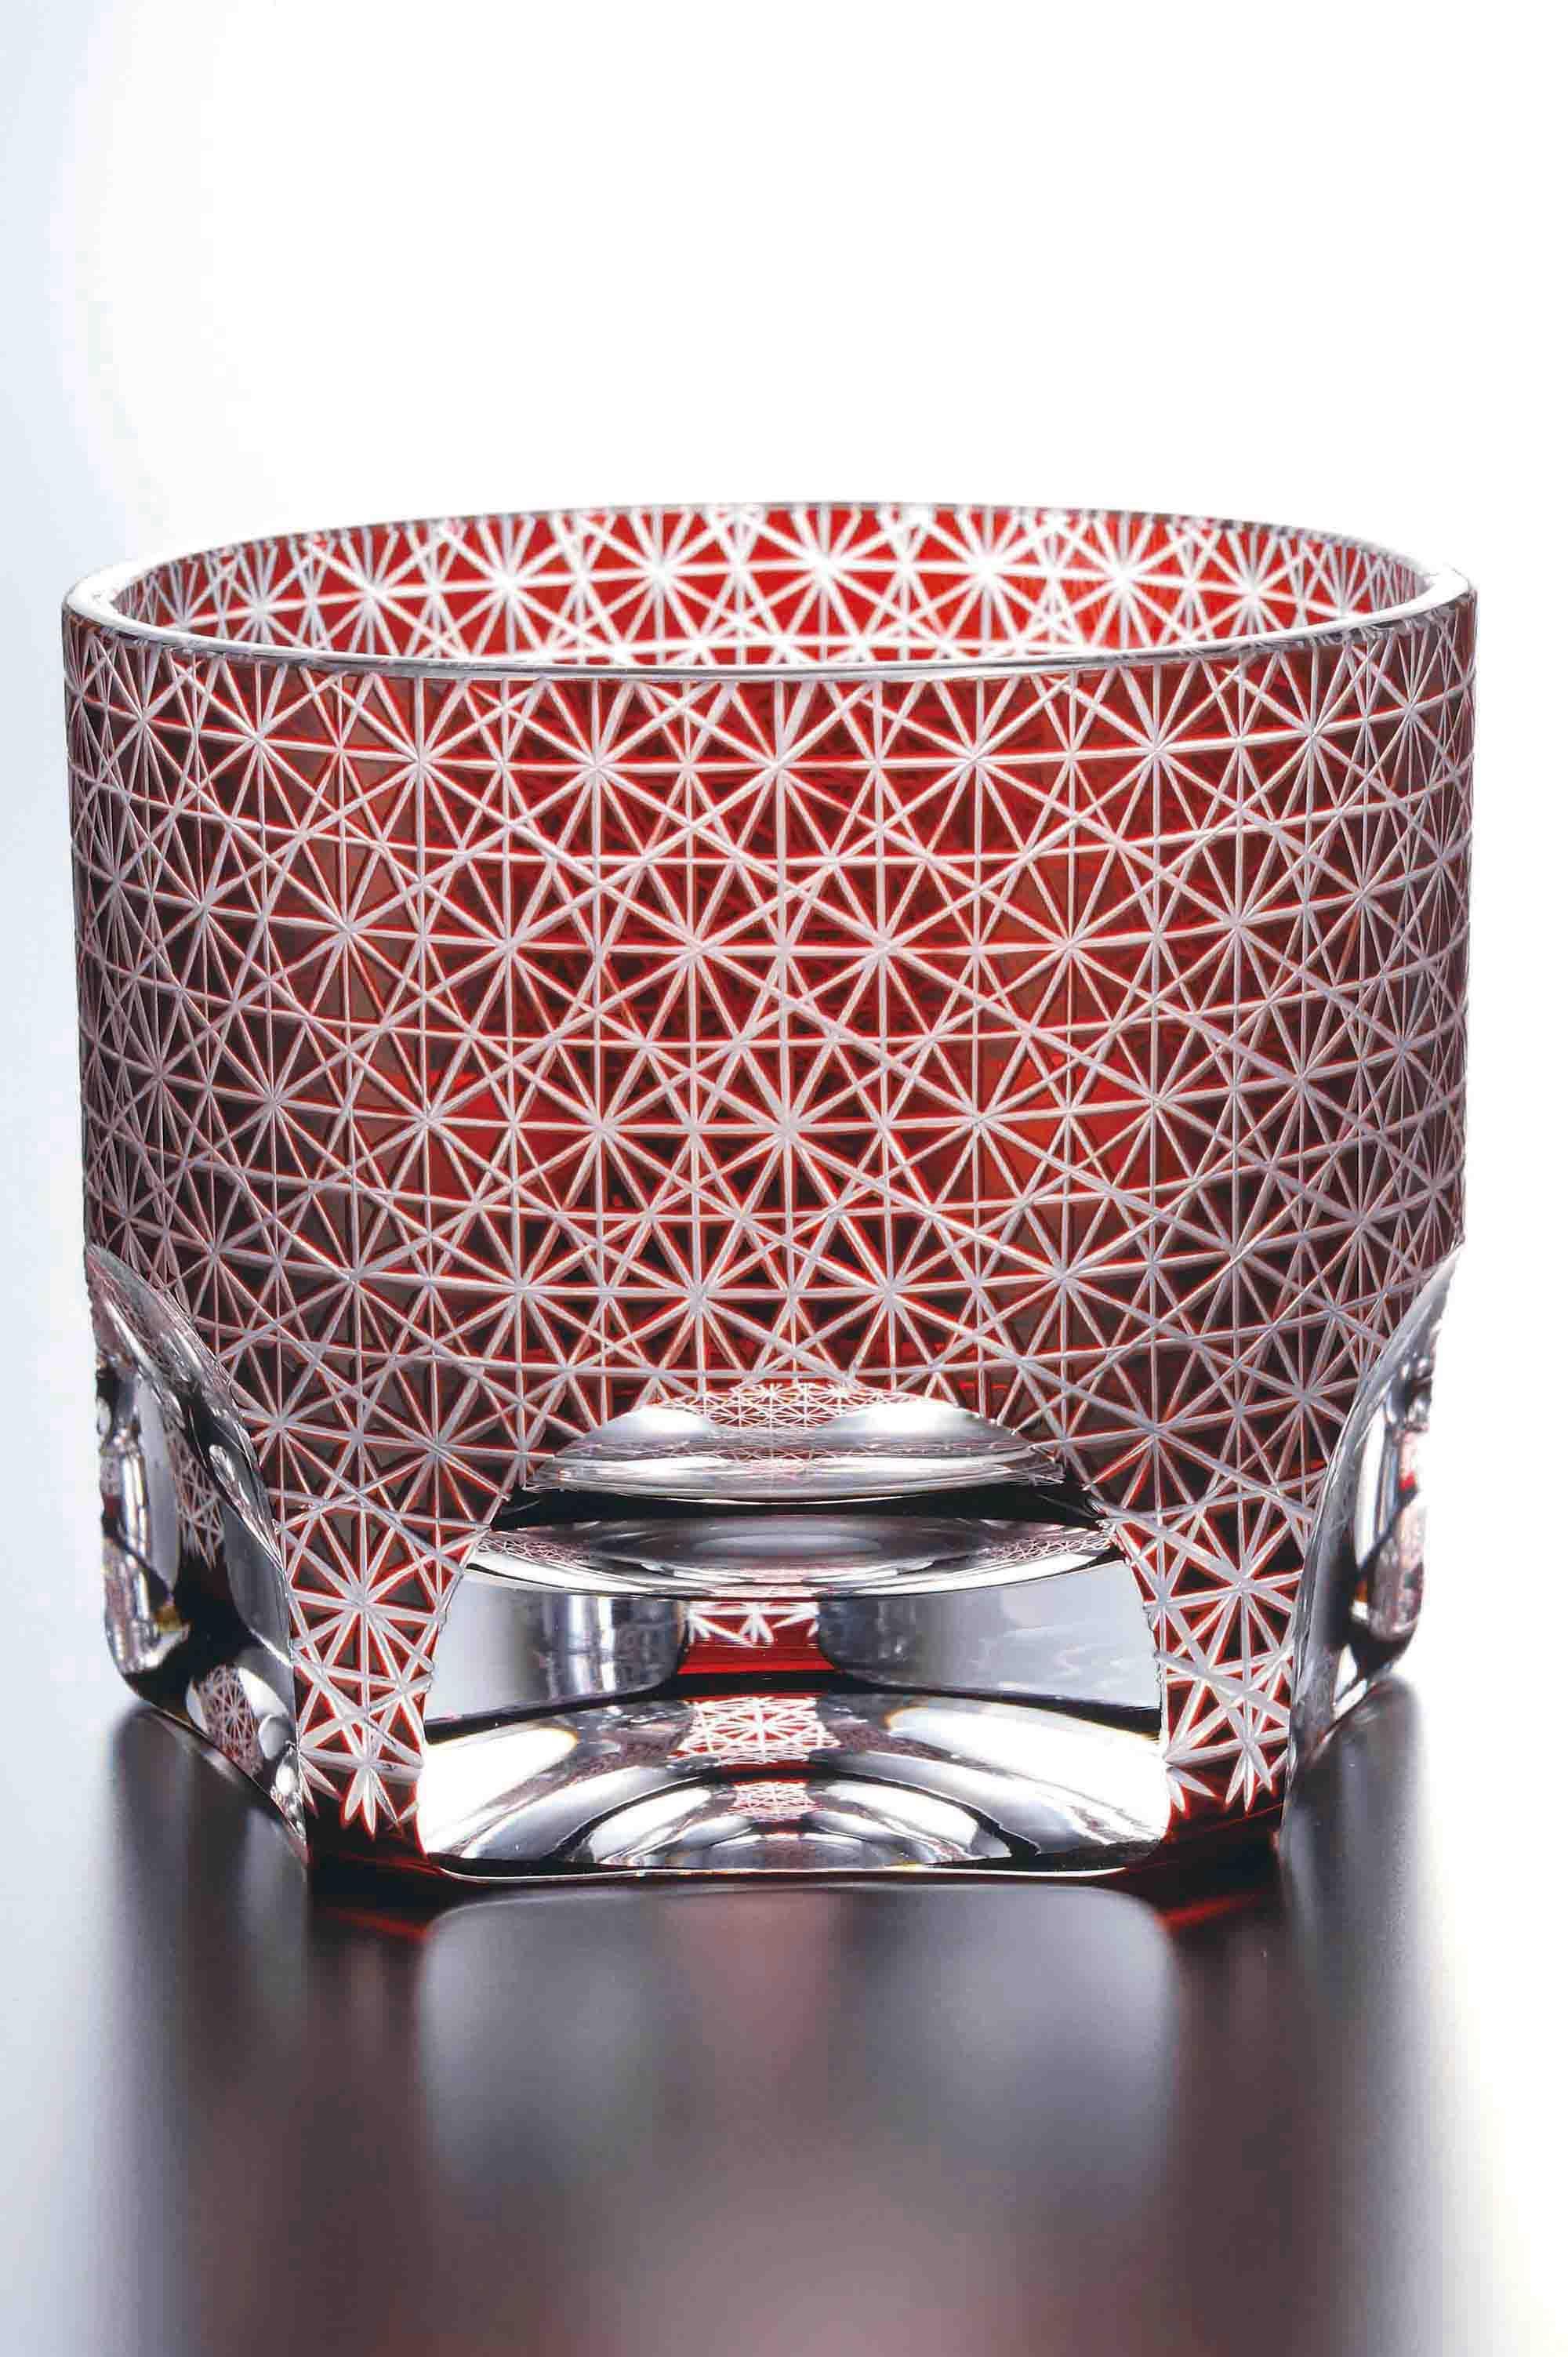 カッティングが美しいガラス製の仏具 きらめく脚元がおしゃれです リビング モダン キリコ 切子 手作り 現代仏壇 カフブレスレット クリスタルビーズ 現代 仏壇